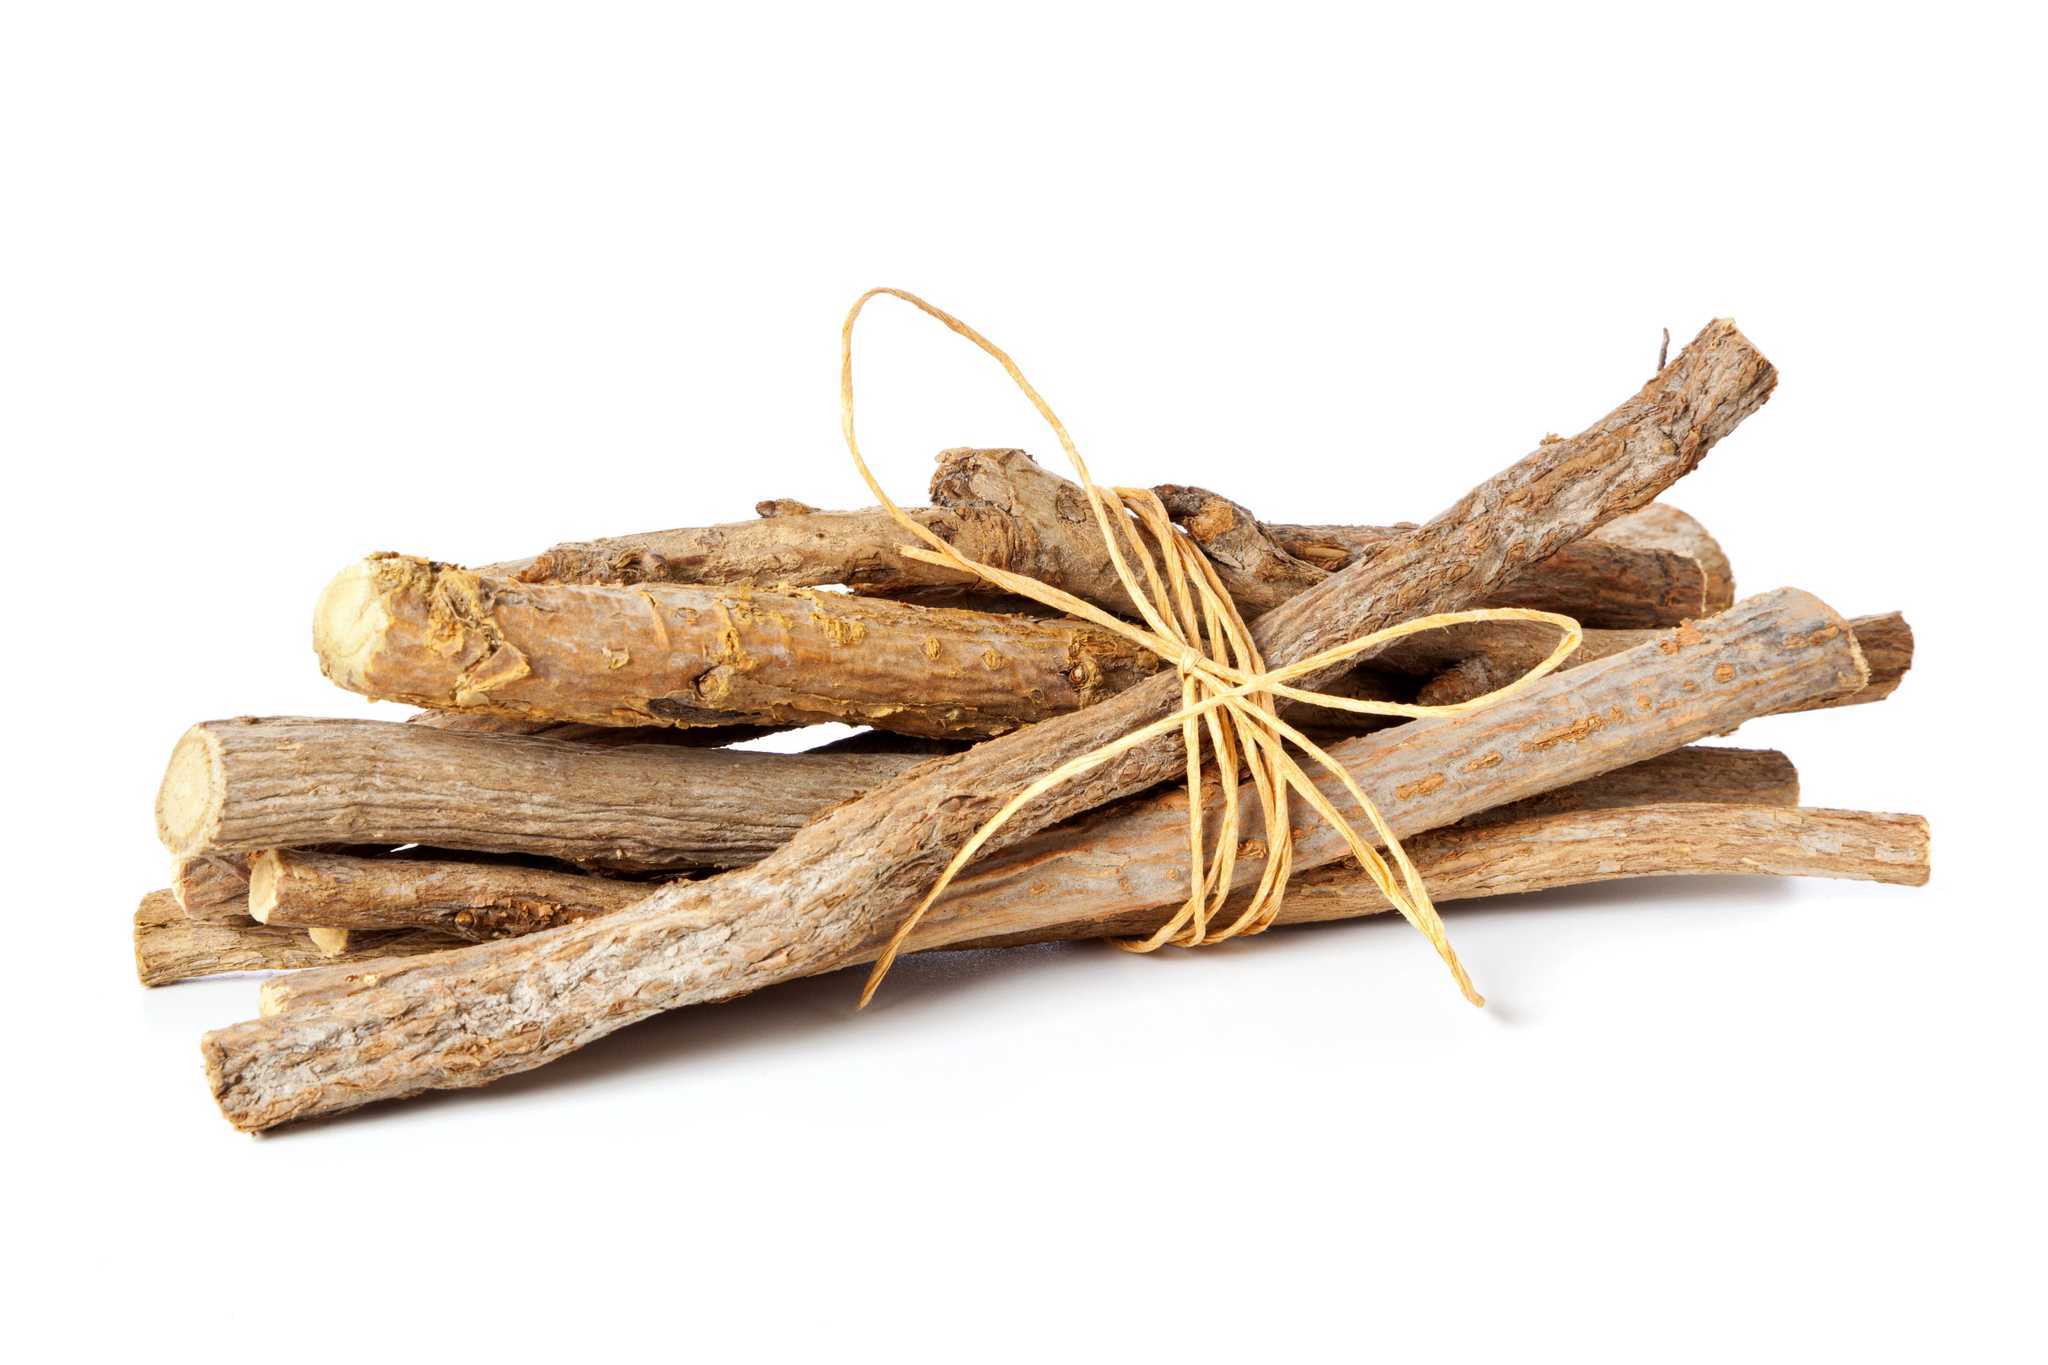 Солодка (корень): полезные свойства и противопоказания